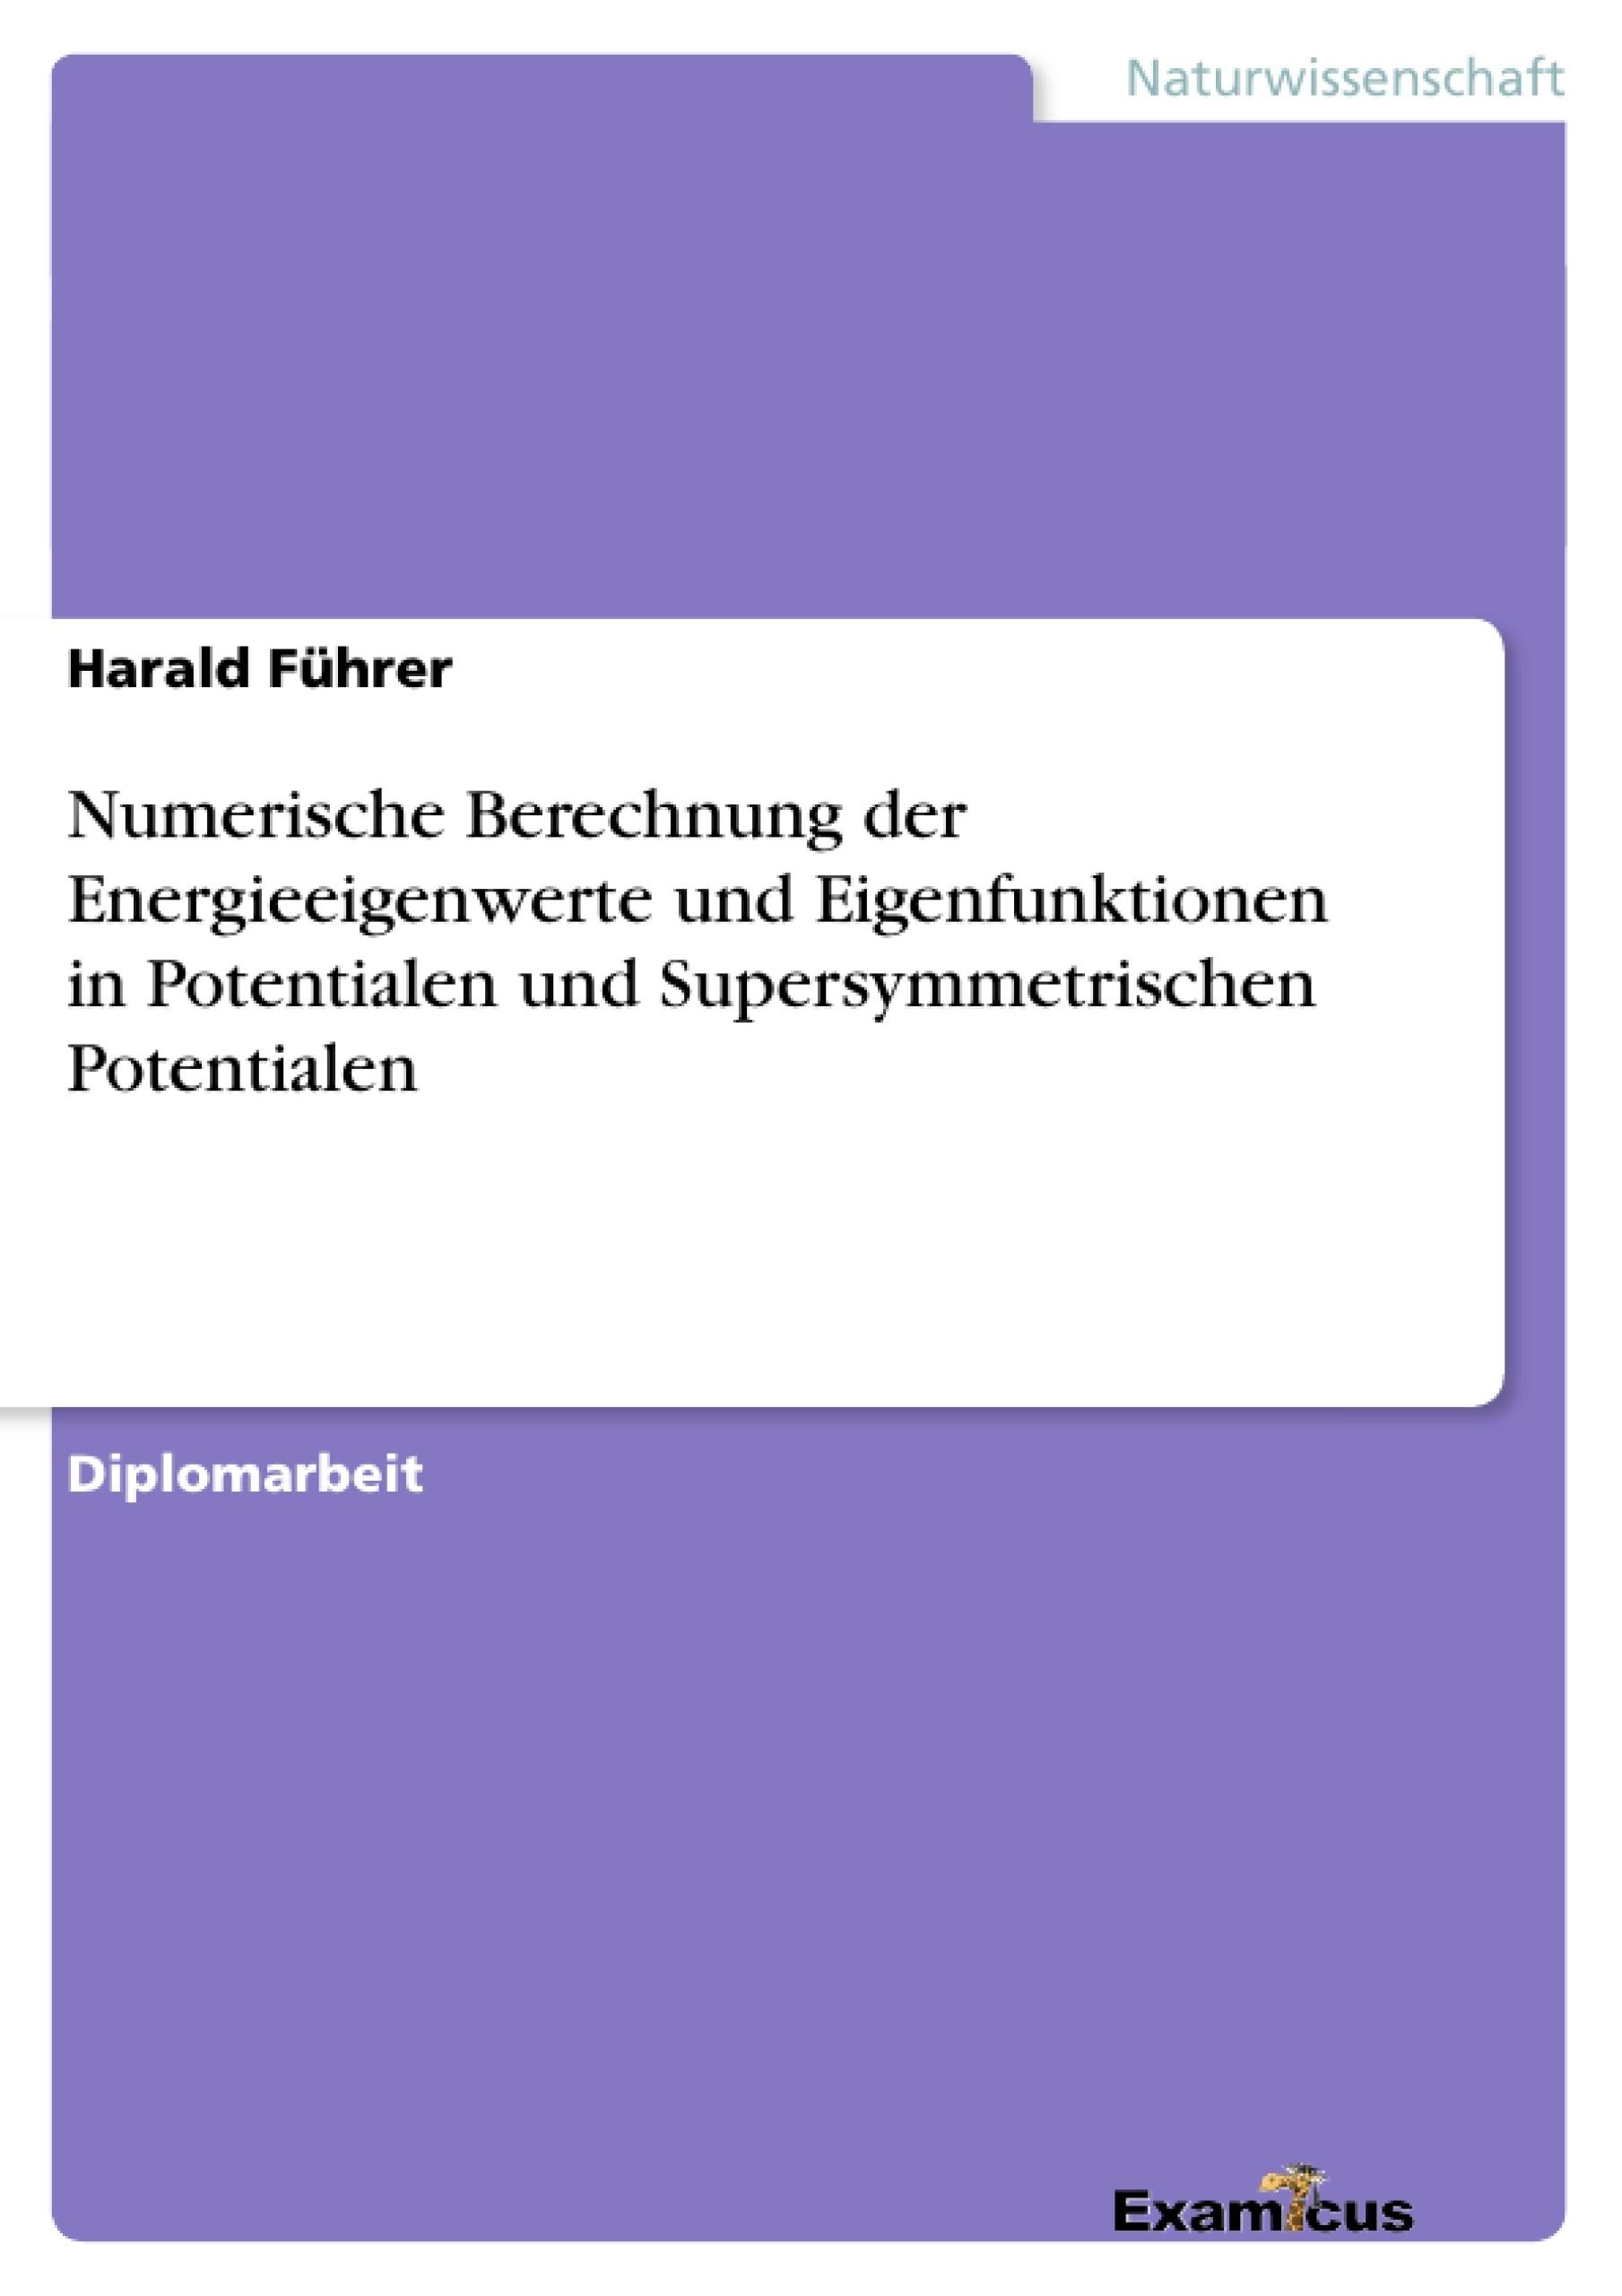 Titel: Numerische Berechnung der Energieeigenwerte und Eigenfunktionen in Potentialen und Supersymmetrischen Potentialen